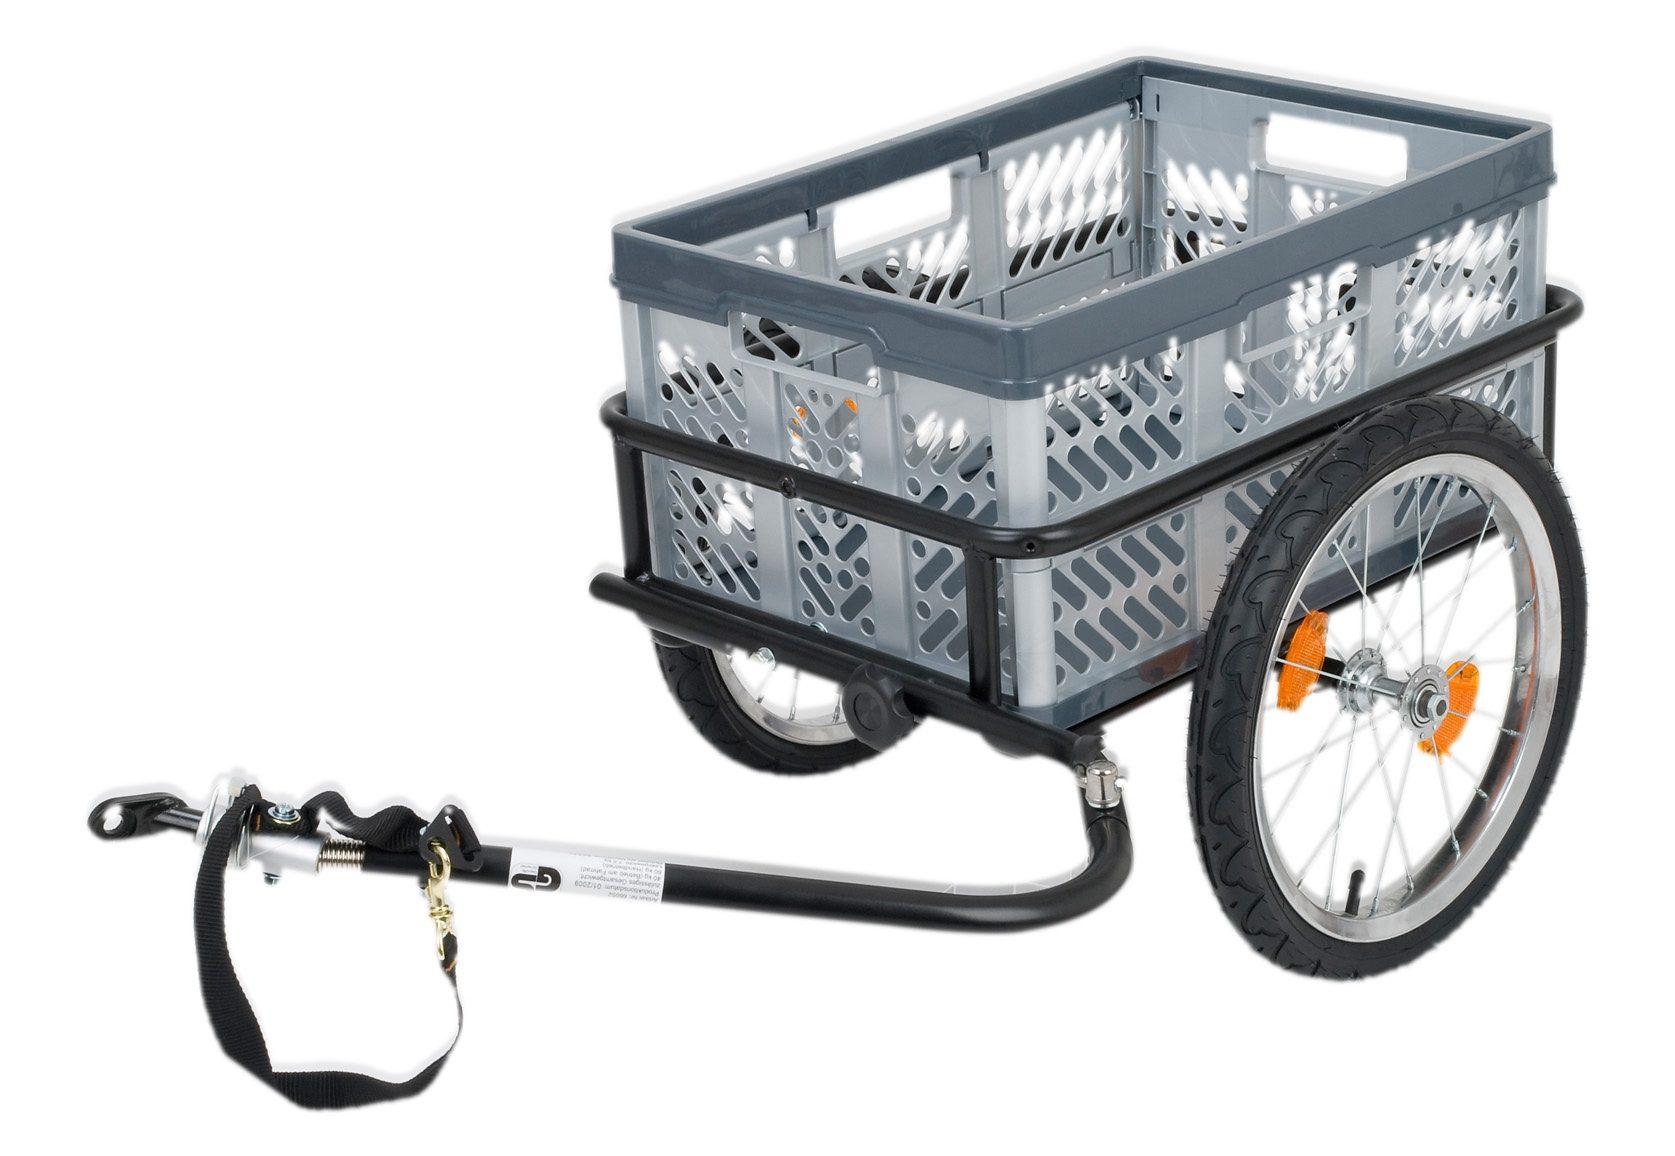 Blue Bird Fahrrad Lastenanhänger, 16 Zoll, grau-schwarz